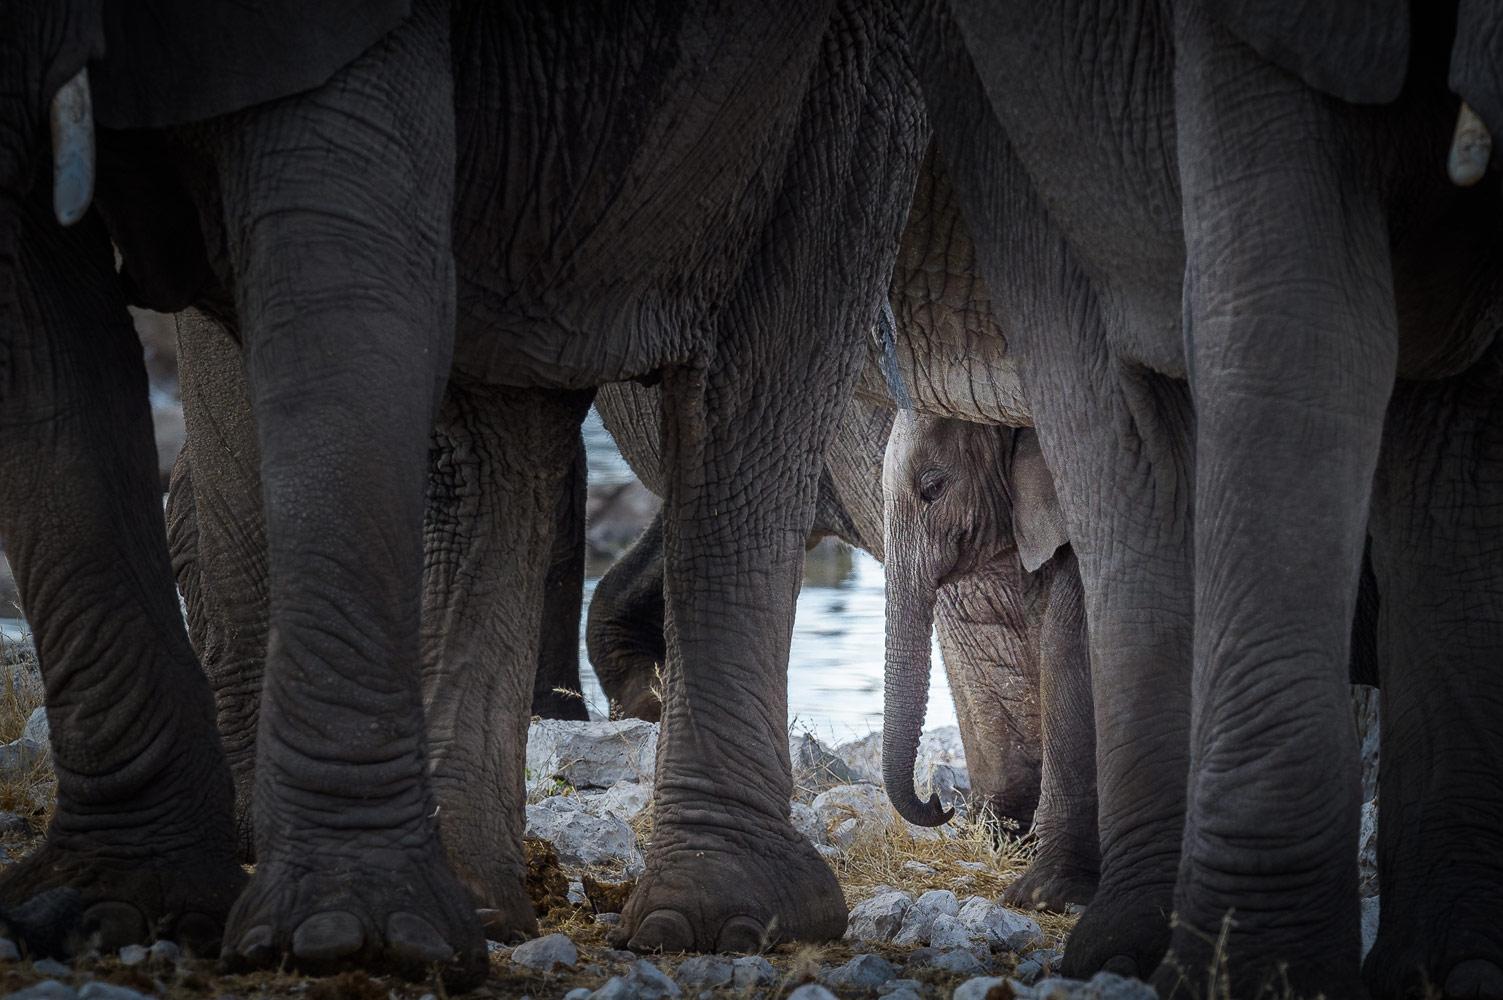 Александр Власов, Под защитой, 1 место в номинации «Животные», любители, Фотоконкурс Nikon «Я в сердце изображения»